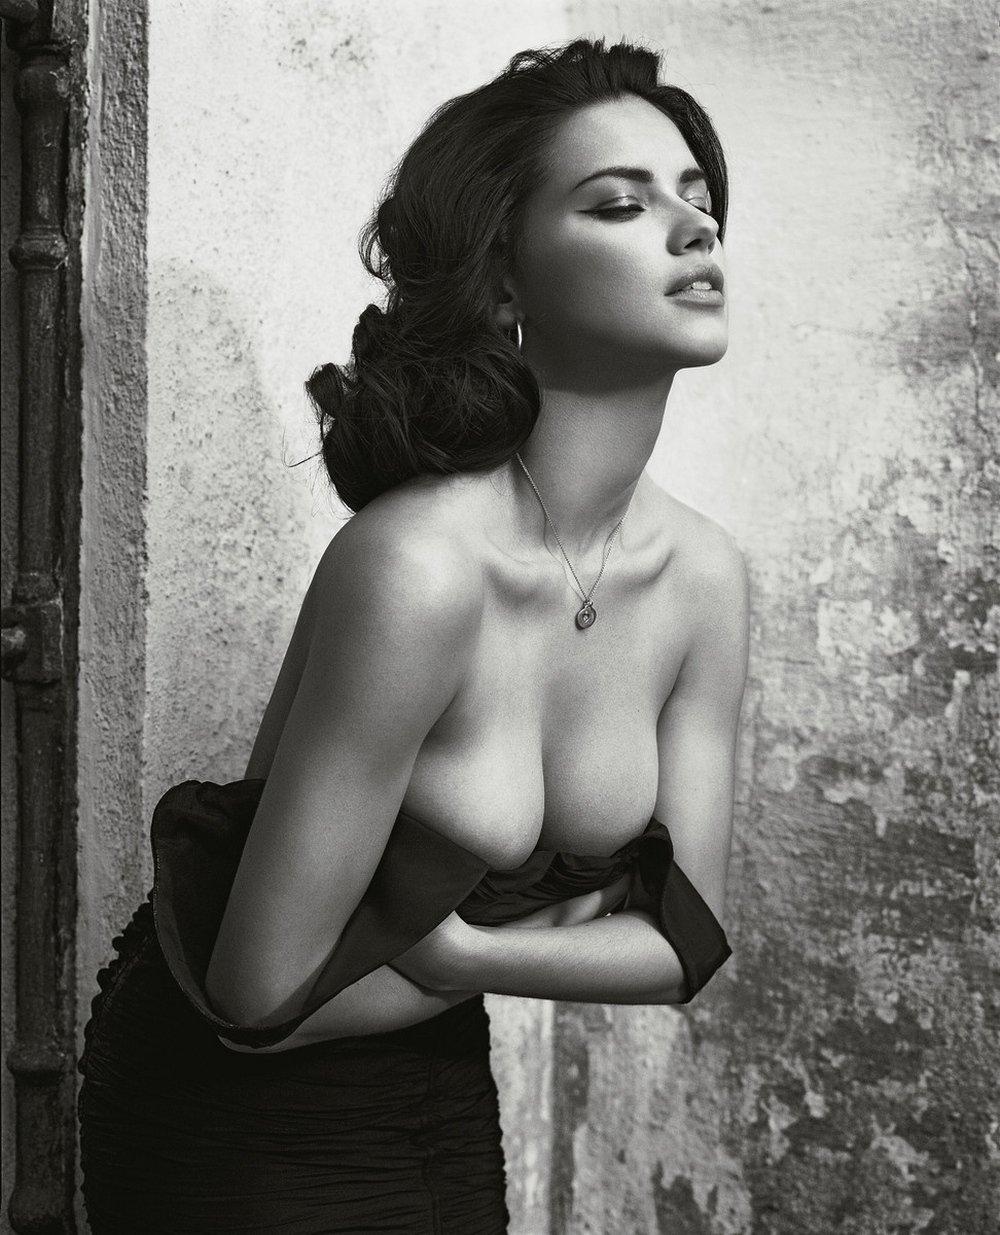 Культовий фотограф показав привабливих голлівудських актрис (ФОТО 18+)